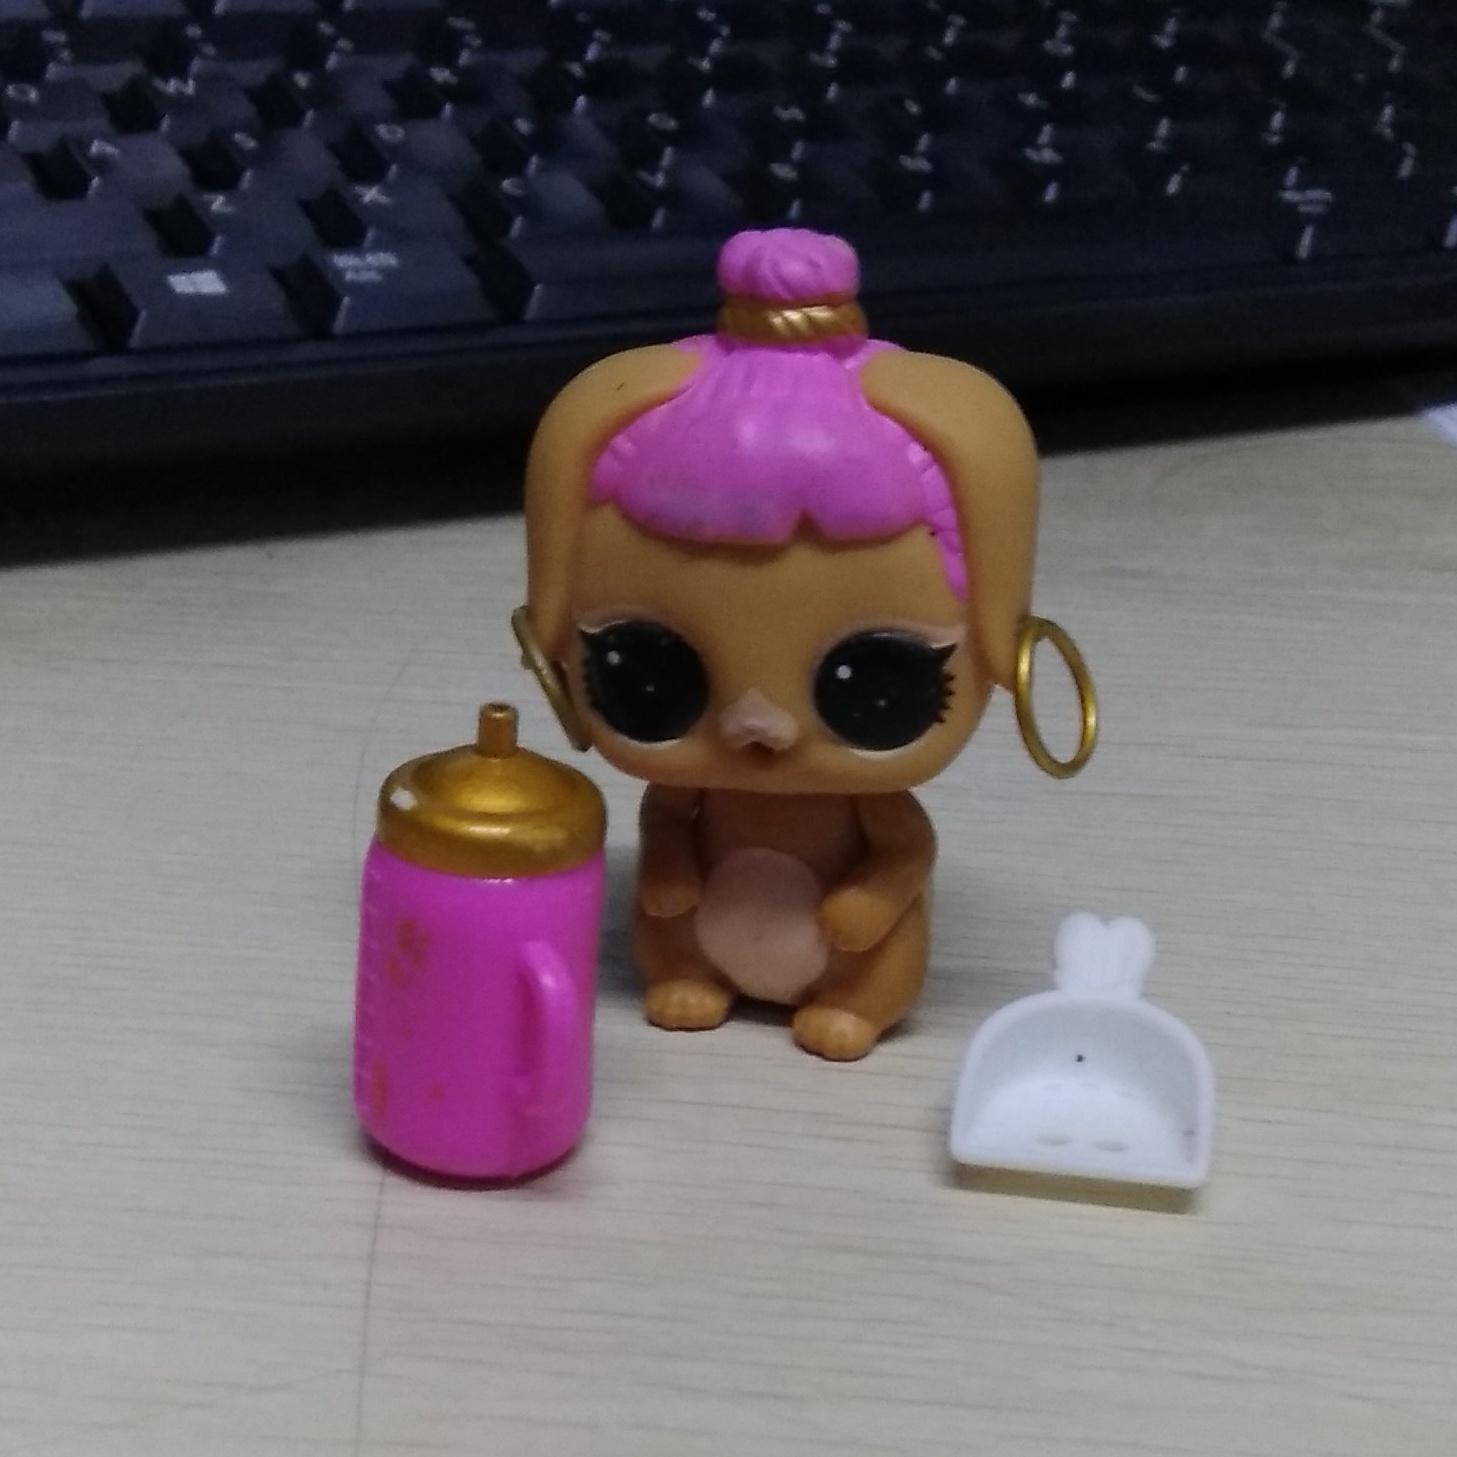 2pcs Shovel /& Bottle Accessories LOL Surprise Doll Pets BUNNY WISHES Series 3